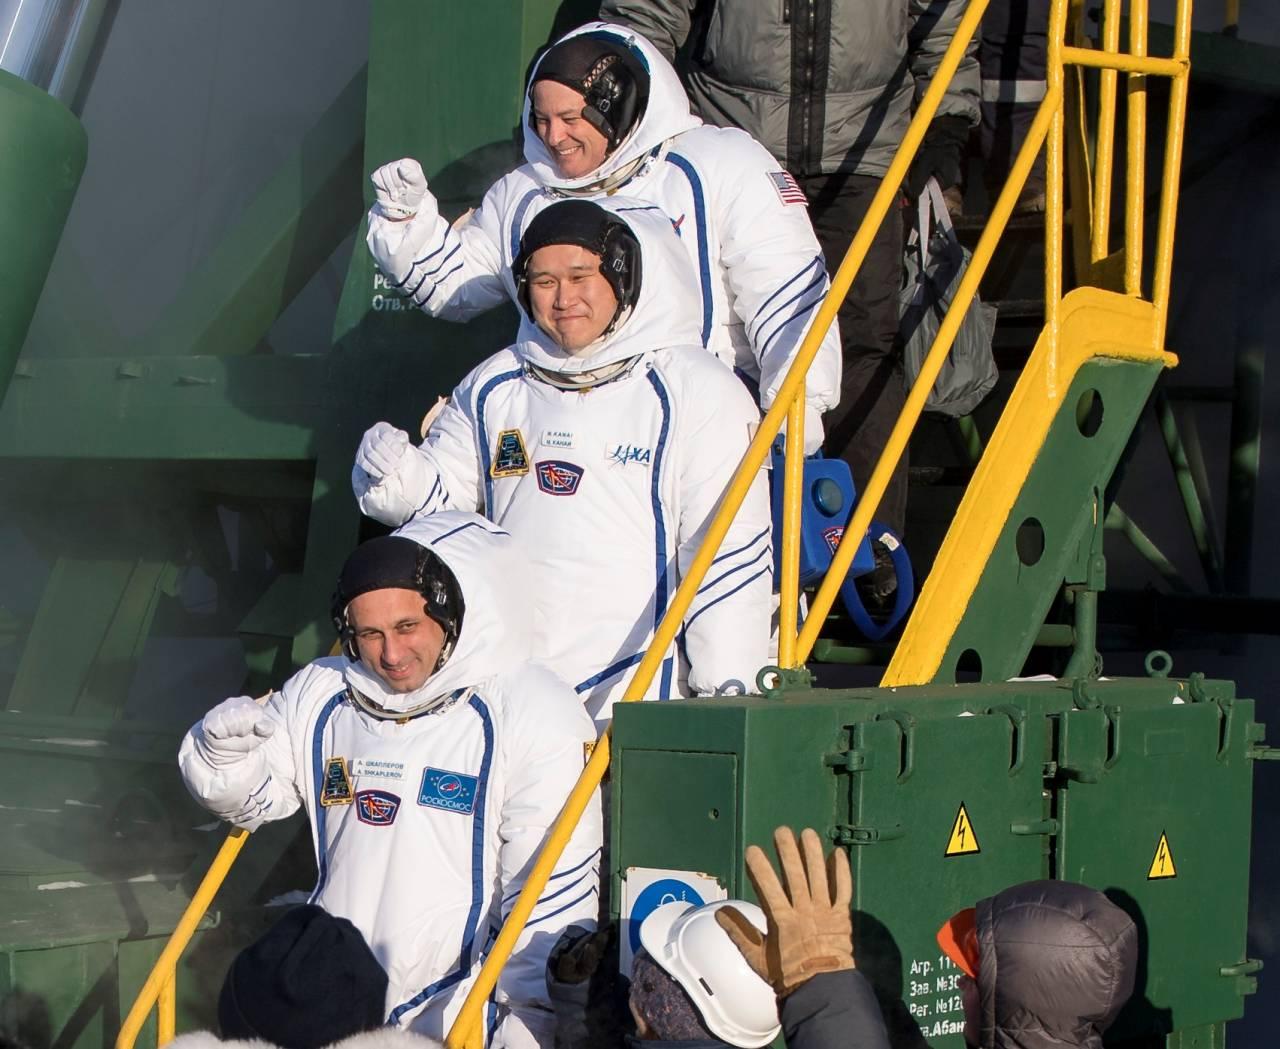 ВNASA считают удачным сотрудничество столицы иВашингтона попрограмме МКС